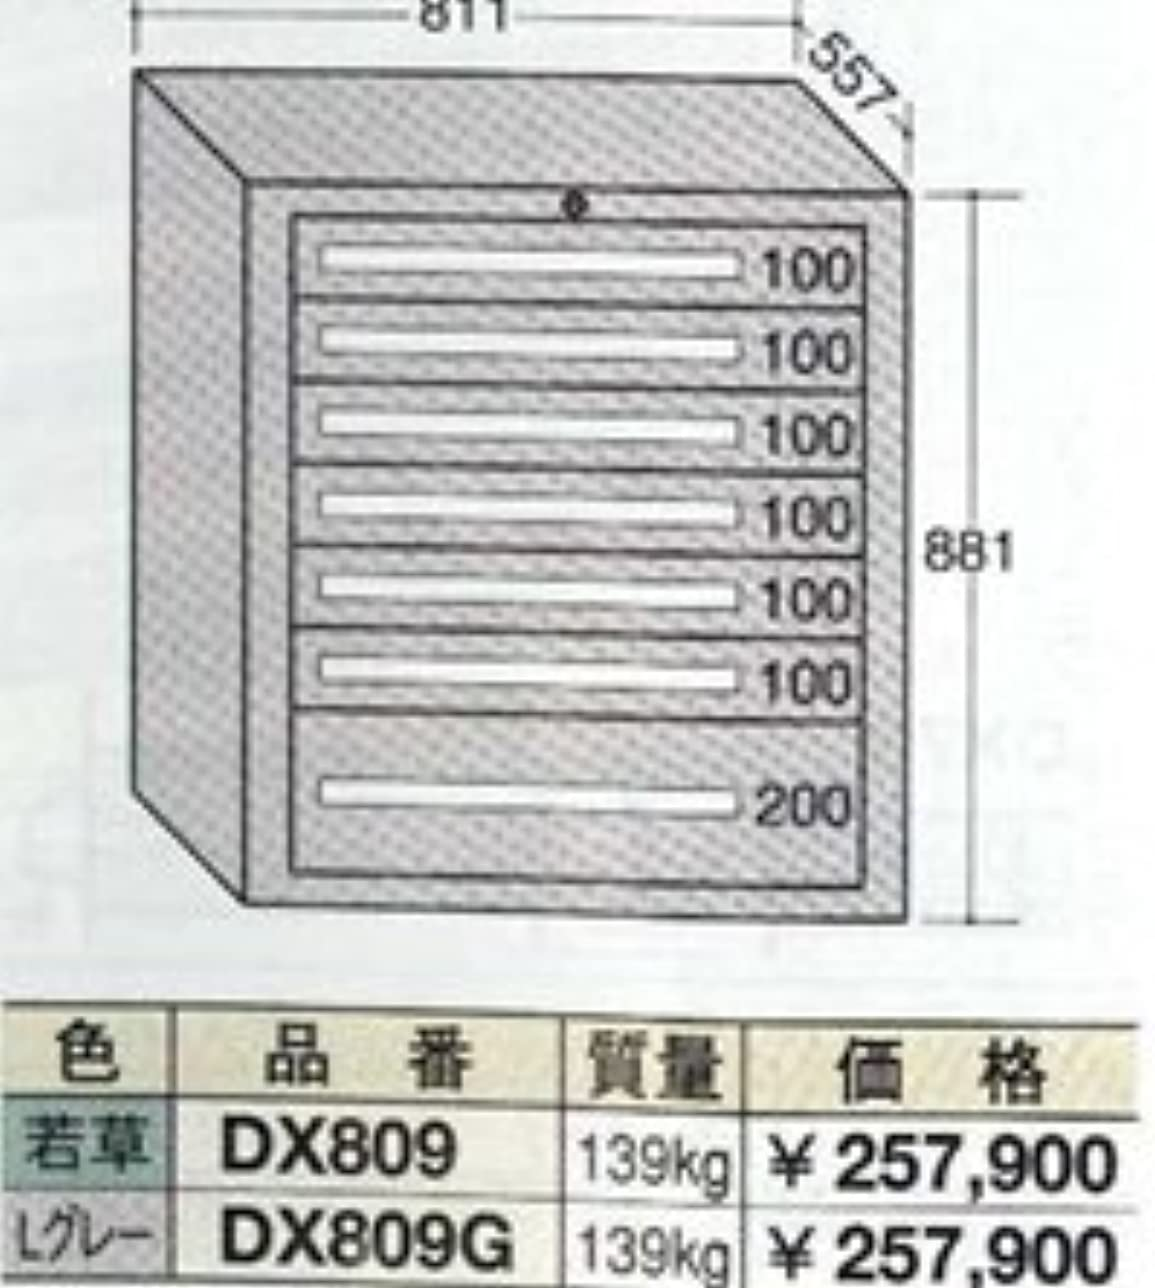 アセンブリウェーハ靴OS(大阪製罐) デラックスキャビネット(ライトグレー) DX809G